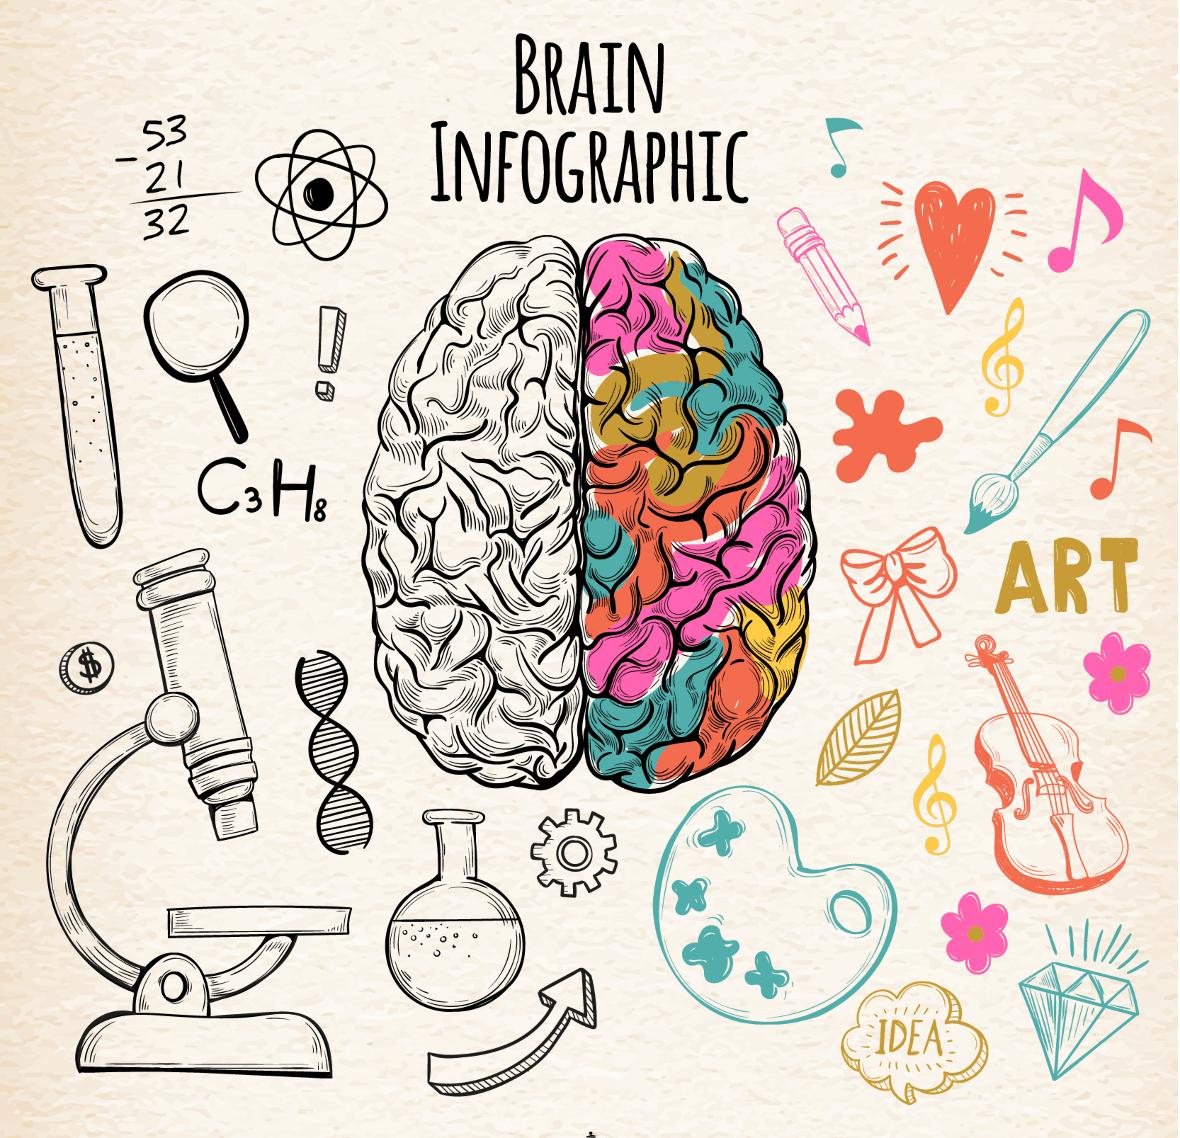 Pravá mozková hemisféra - rozvijí kreativitu